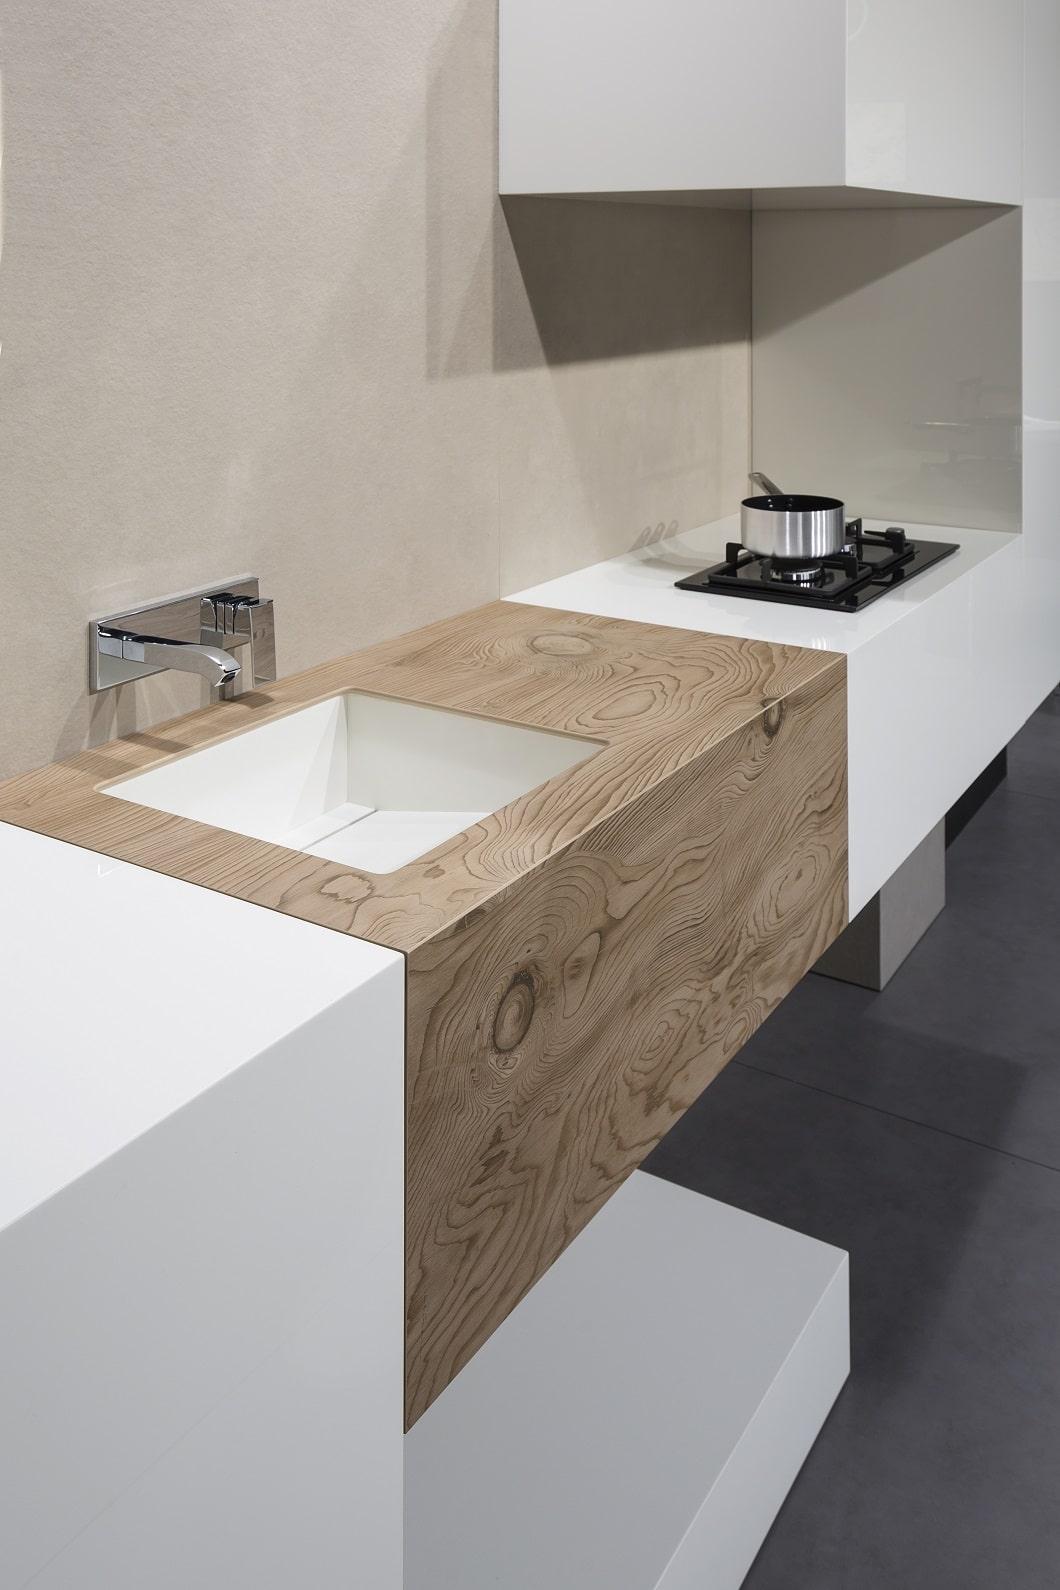 Die durch 3D-Druck erzeugte Holzoptik sorgt in Kombination mit Marmor, Stein und Stahl sofort für eine moderne, wohnliche Optik in Küche oder Bad. (Foto: TheSize)